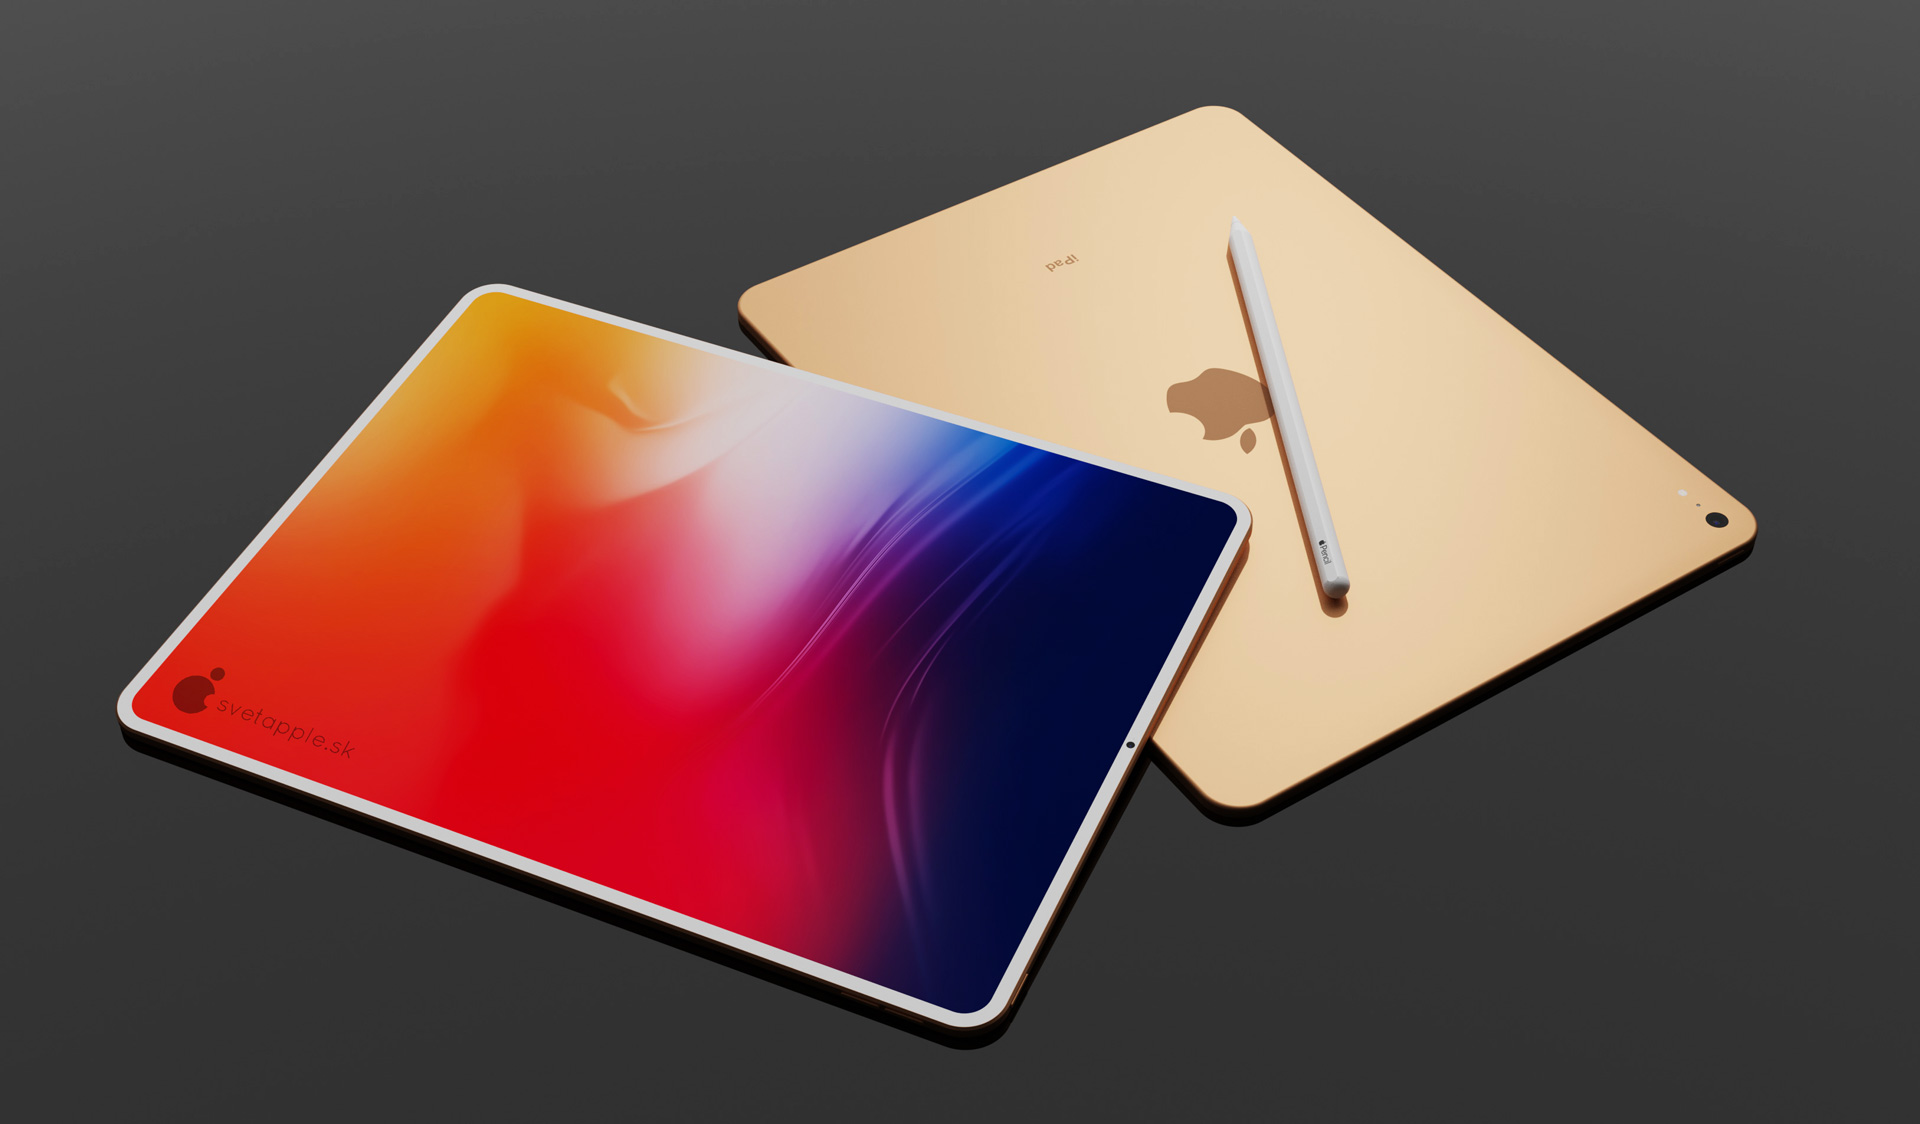 Новый ipad air 4-го поколения и его характеристики